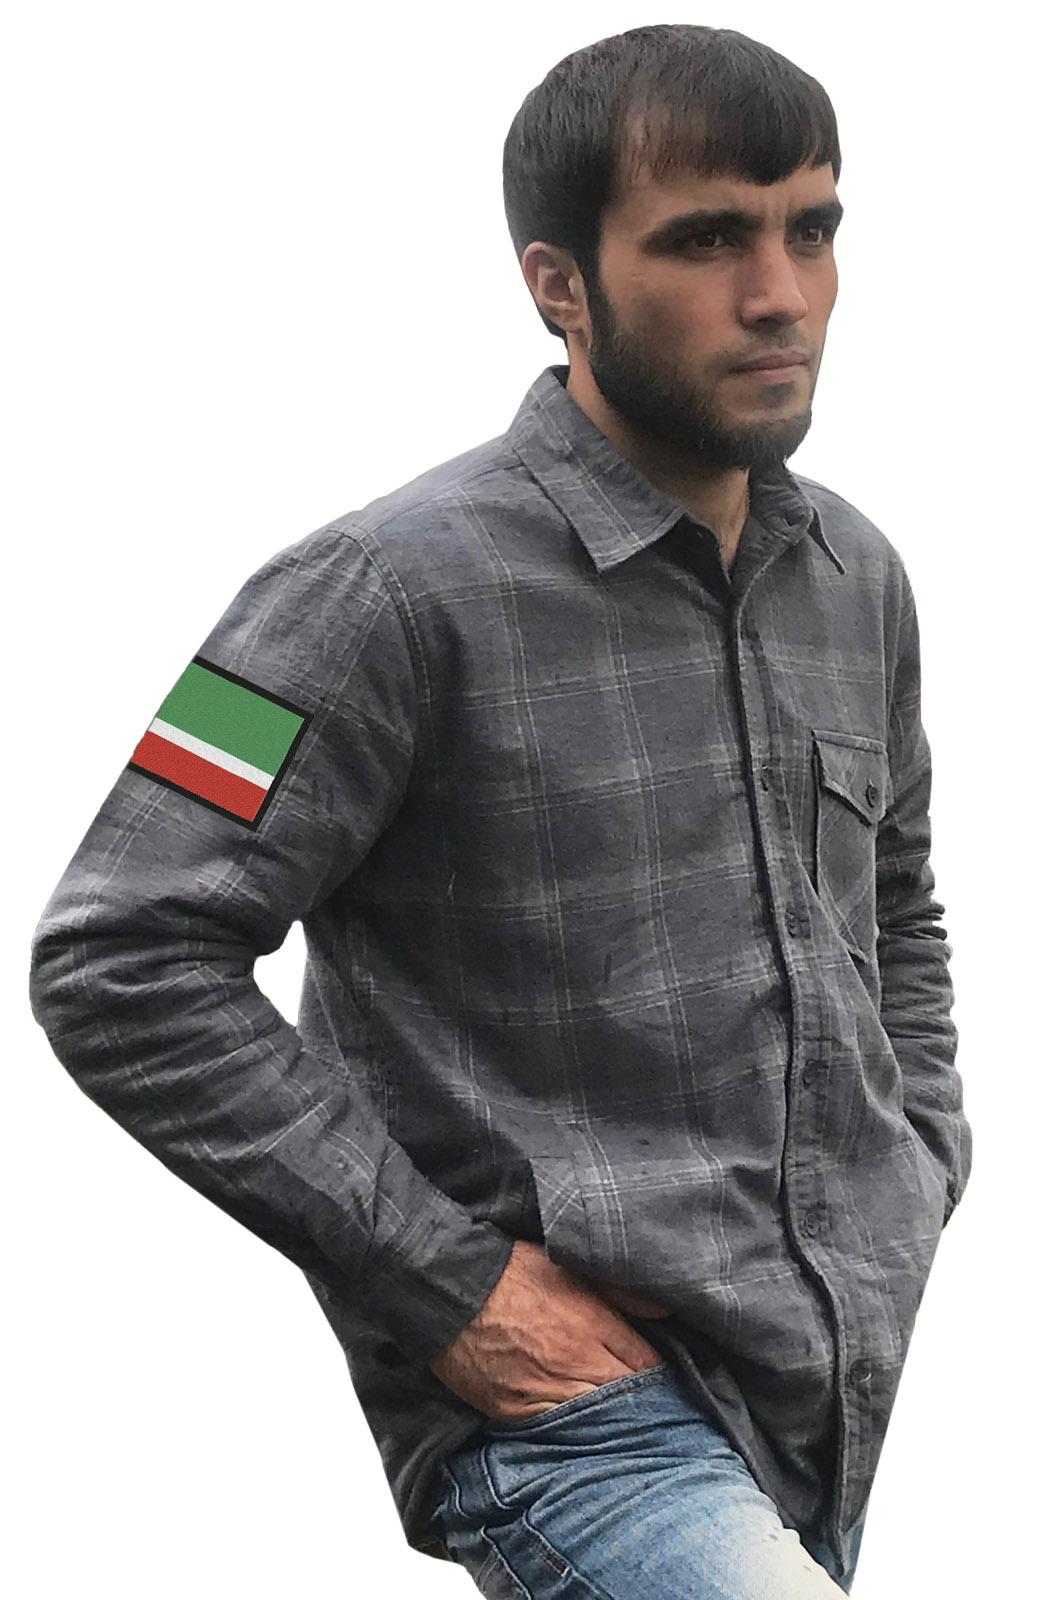 Строгая серая рубашка с вышитым флагом Чехии